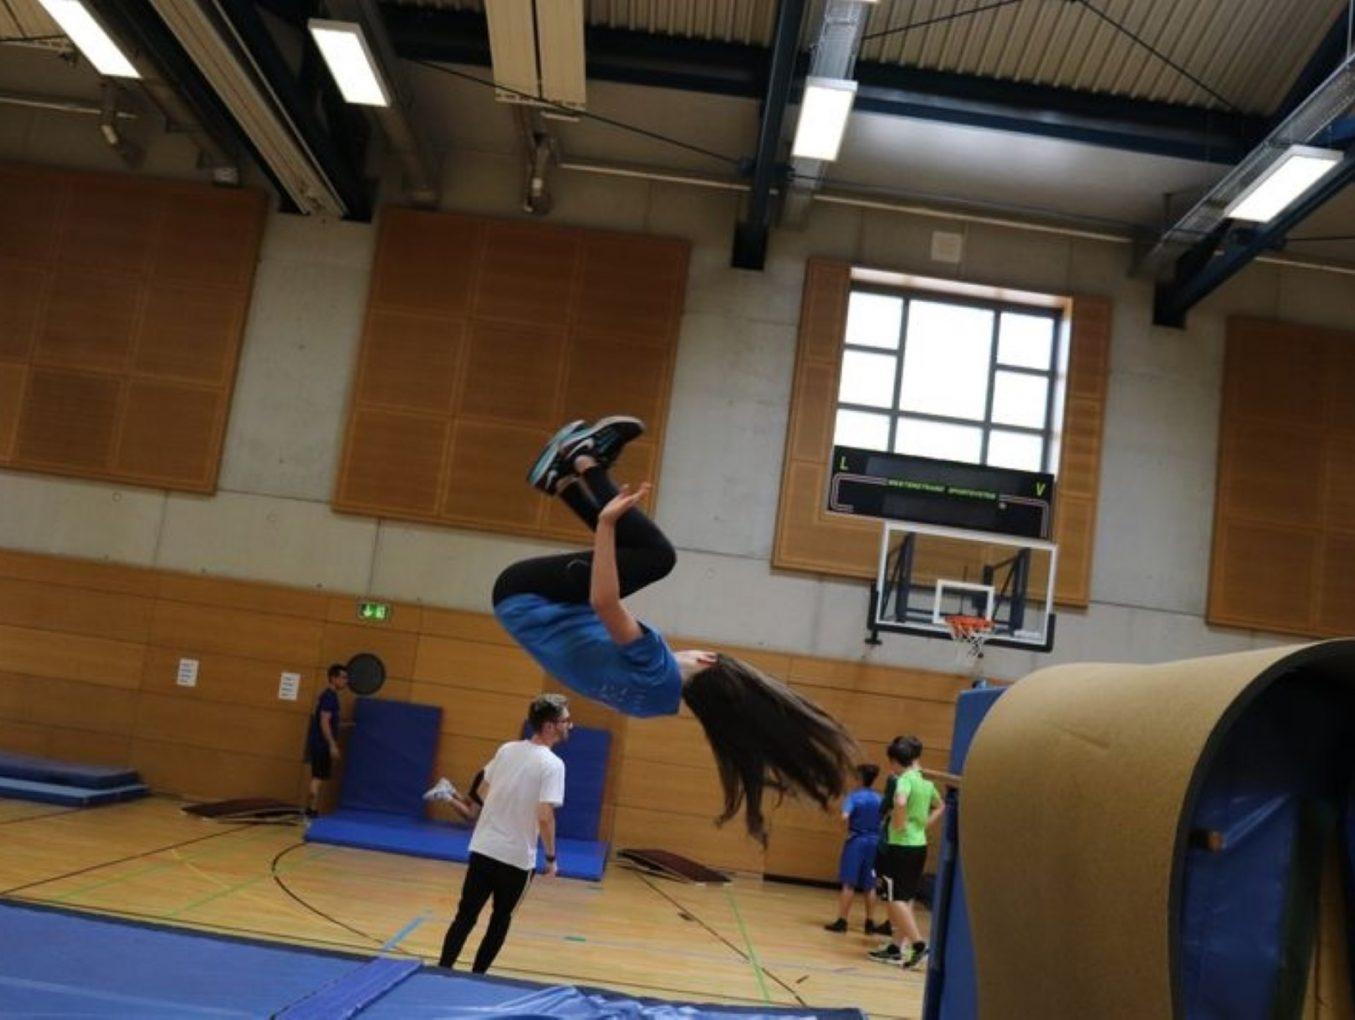 LASEL 13/06/19 Badminton/Parkour